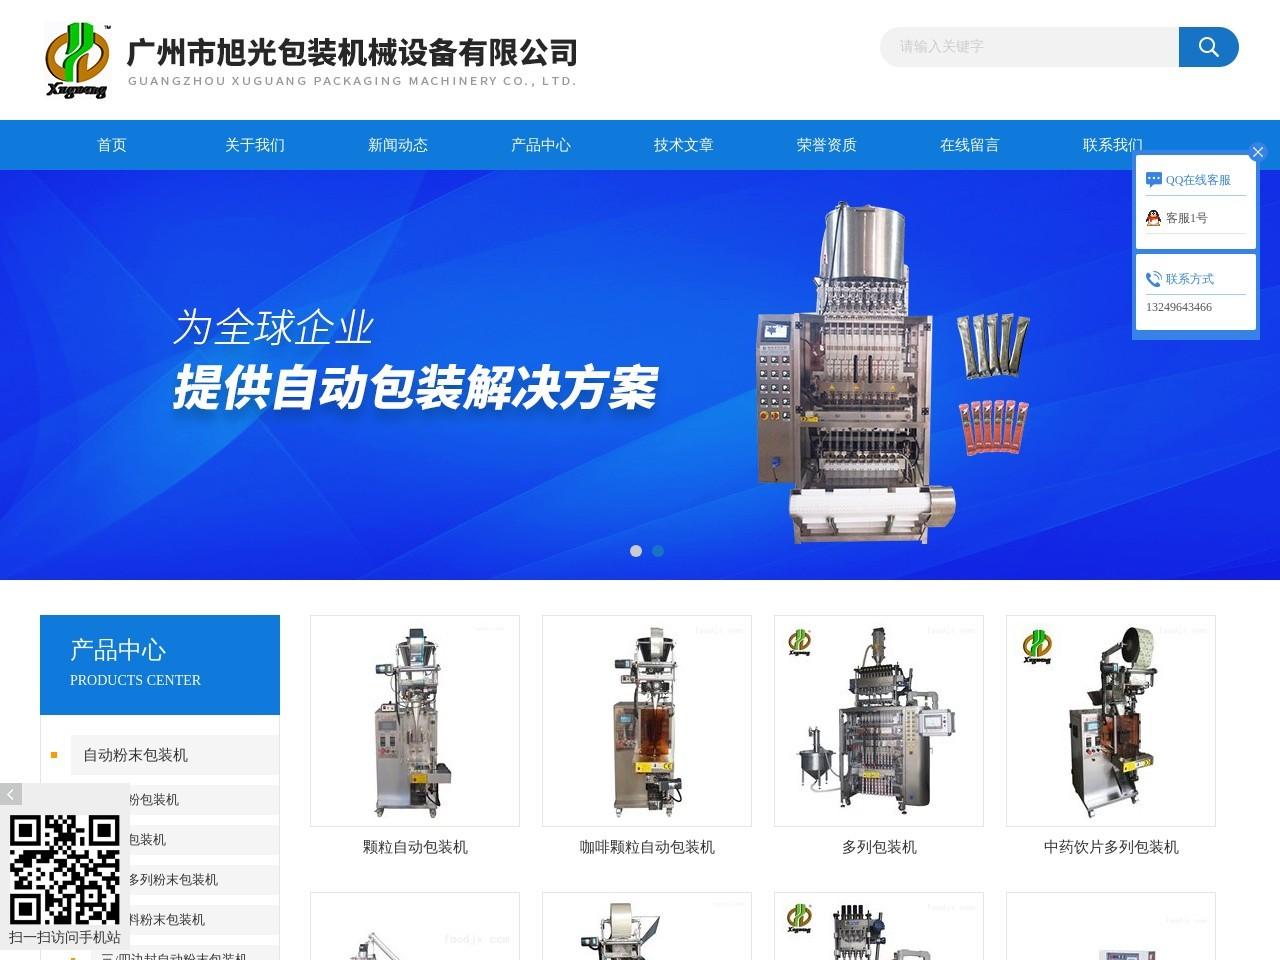 多列包装机-代餐粉末-颗粒自动包装机-广州旭光机械